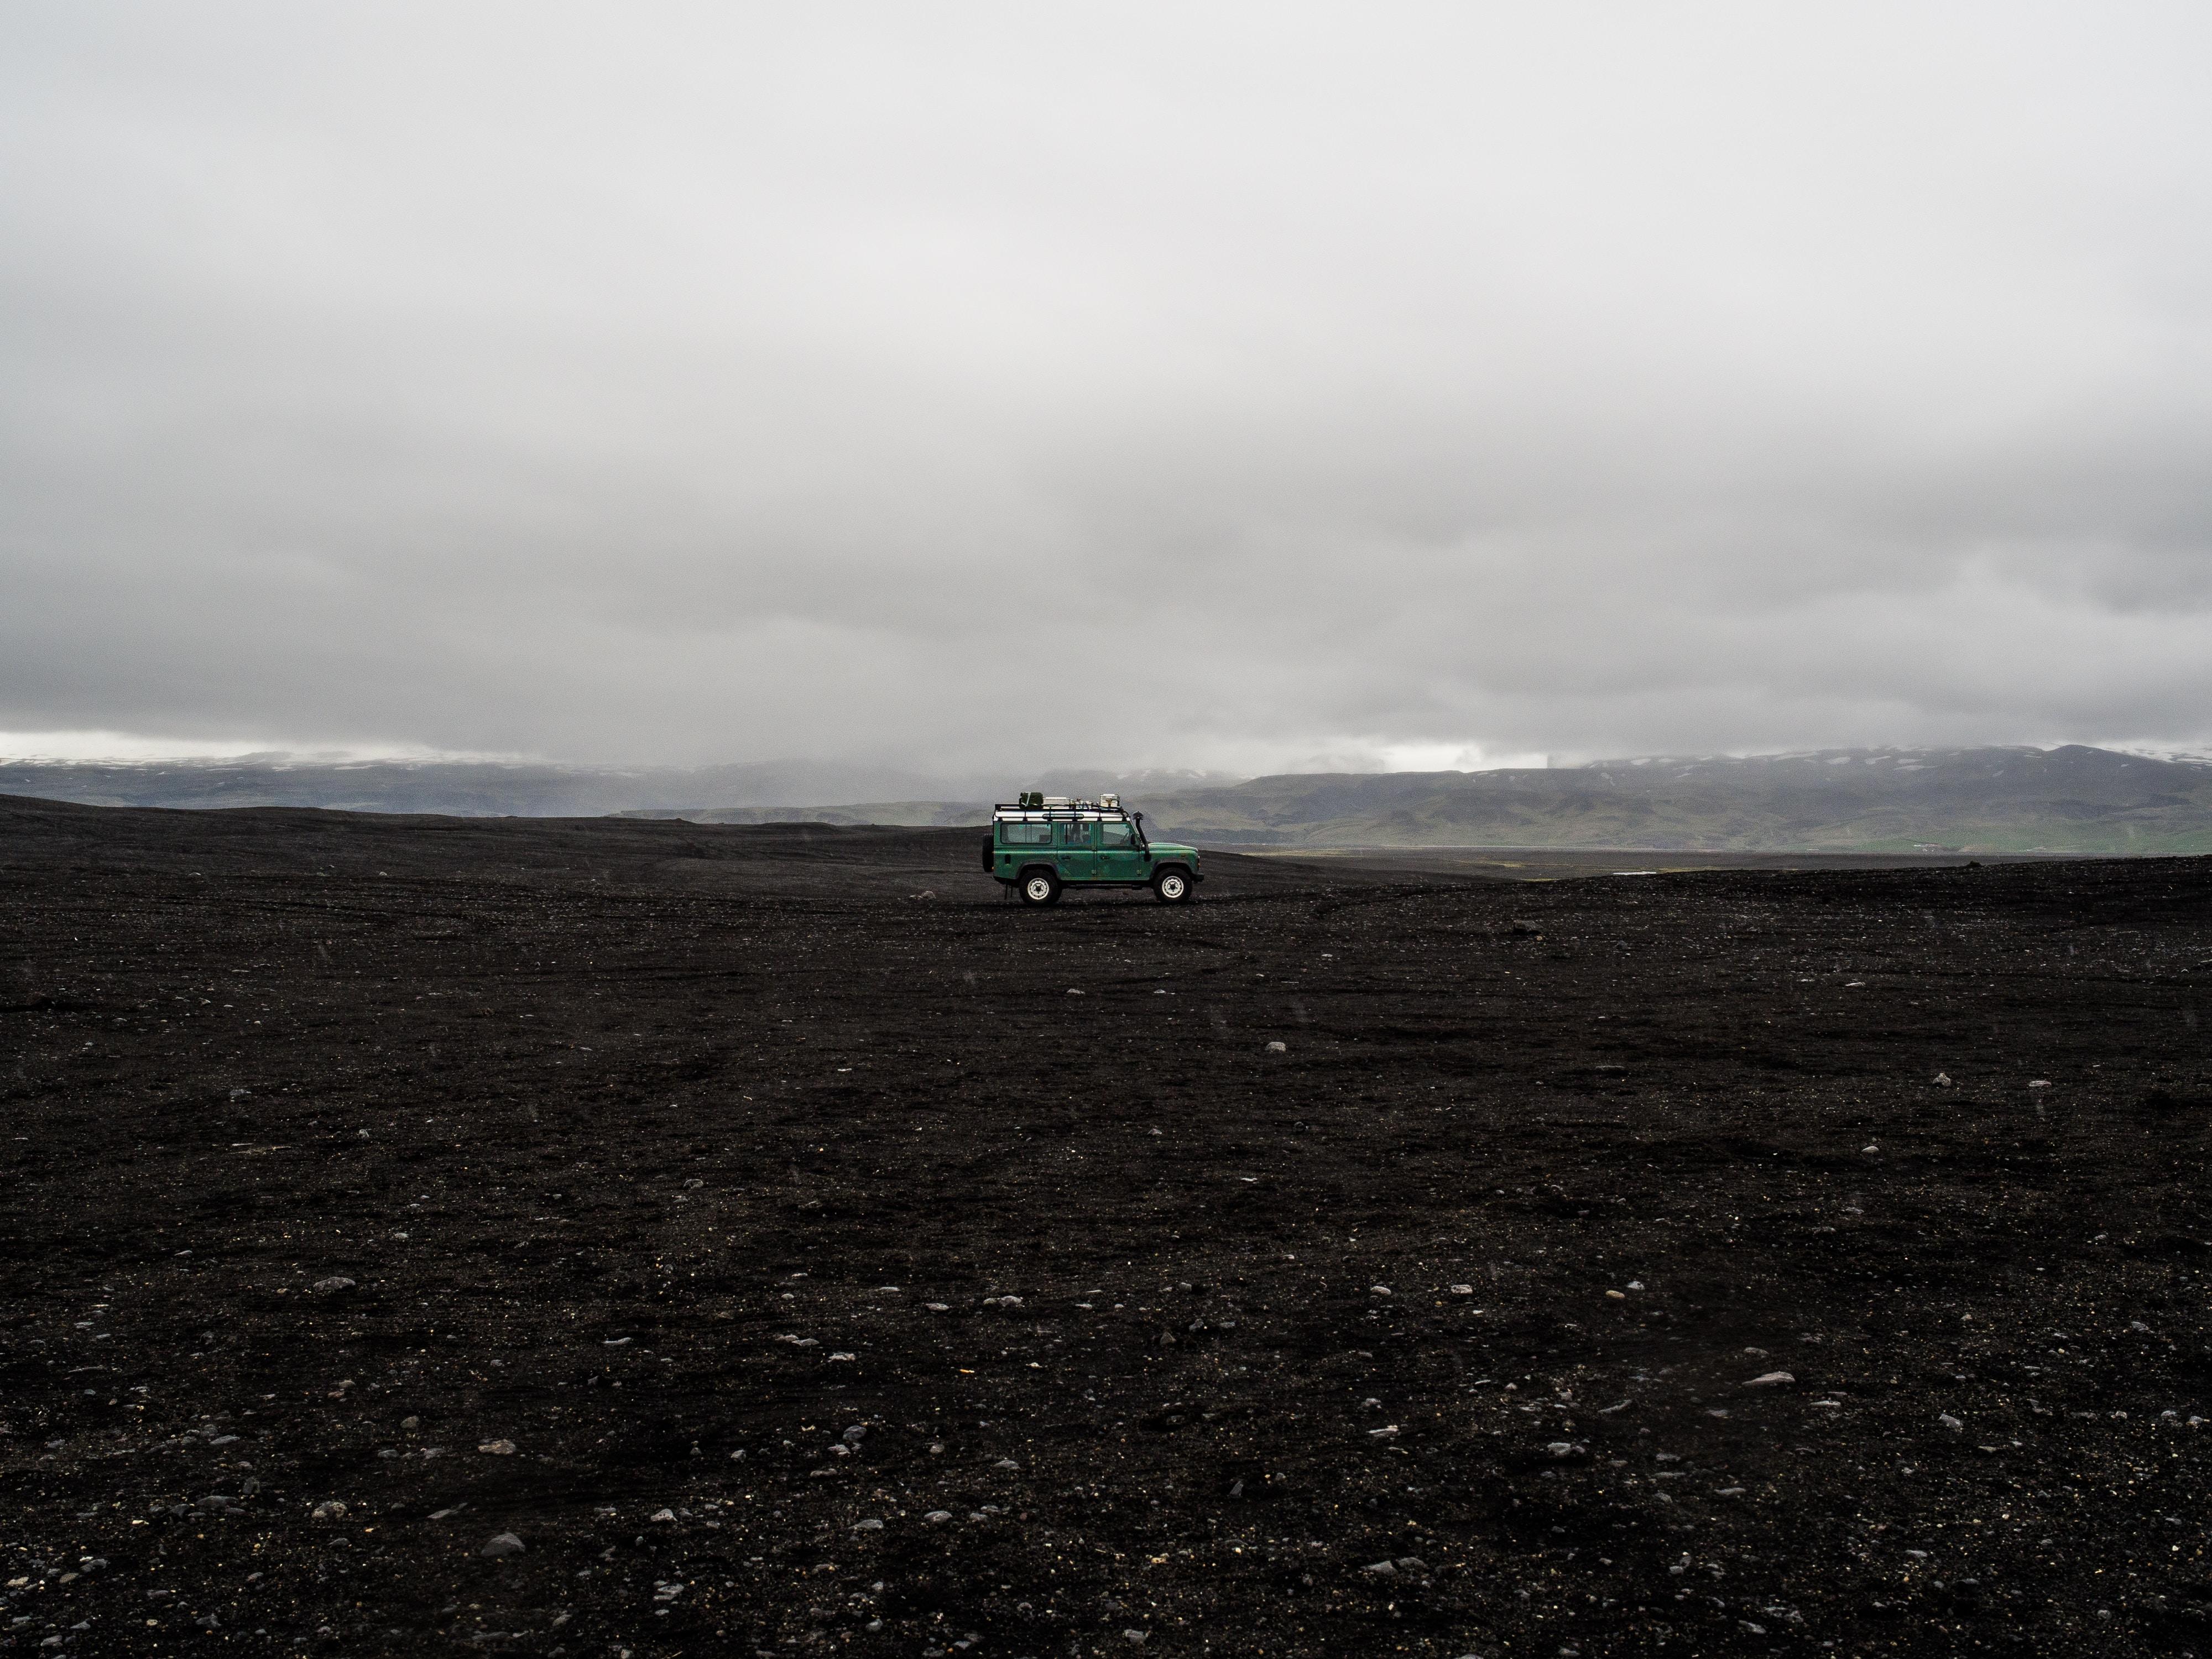 green SUV on black soil taken at daytime